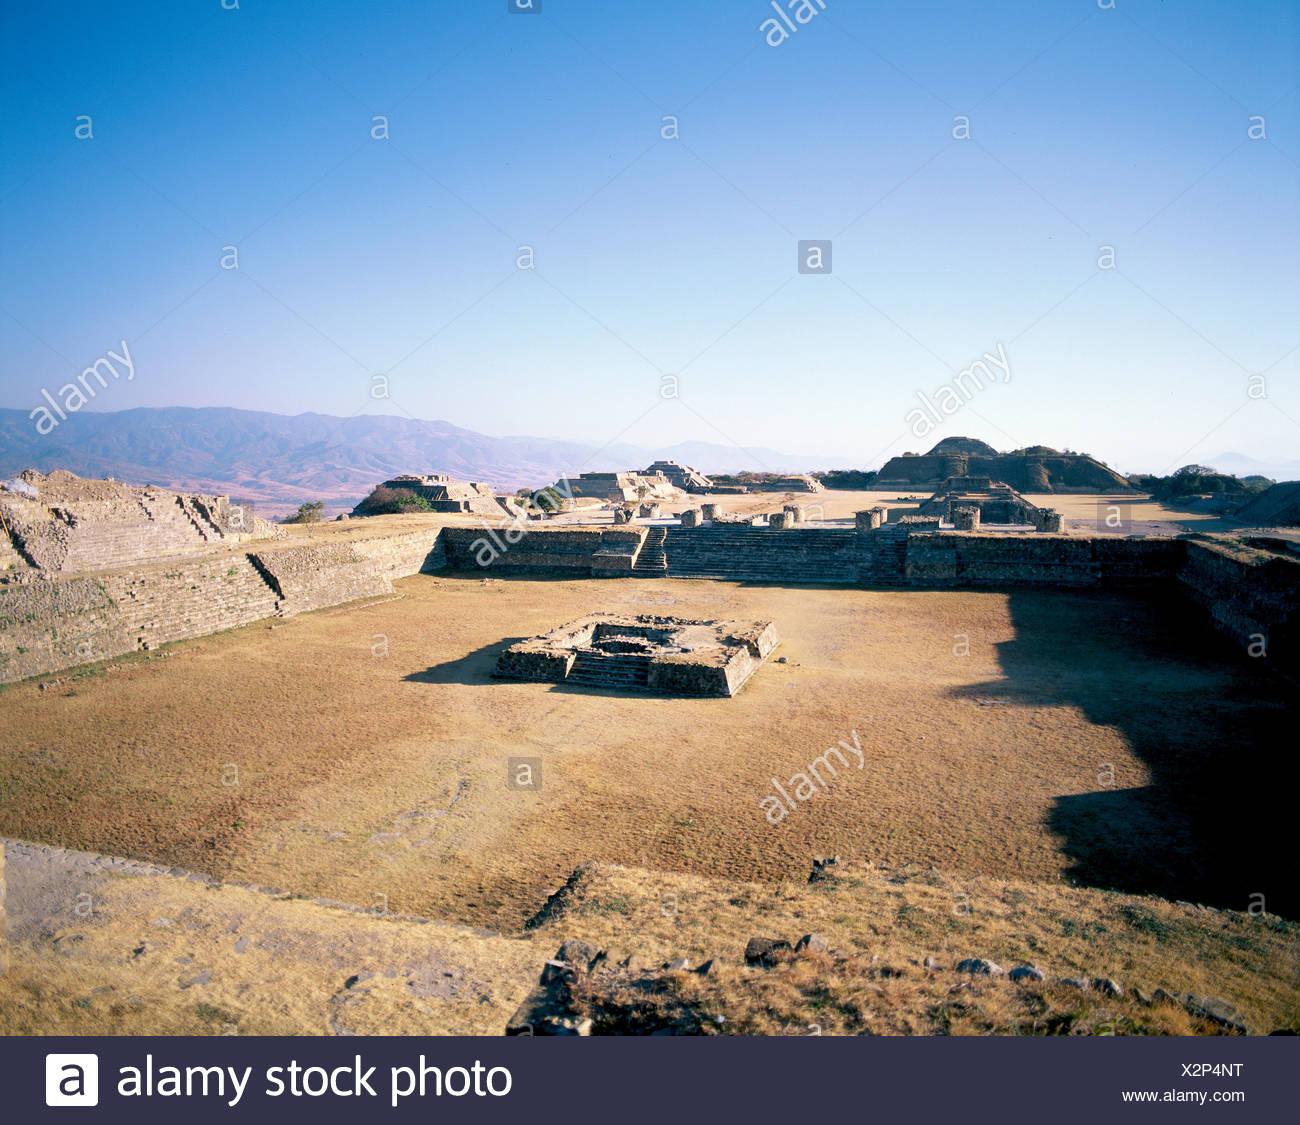 culture Mexico Central America Latin America Monte Alban Ruinen south platform - Stock Image